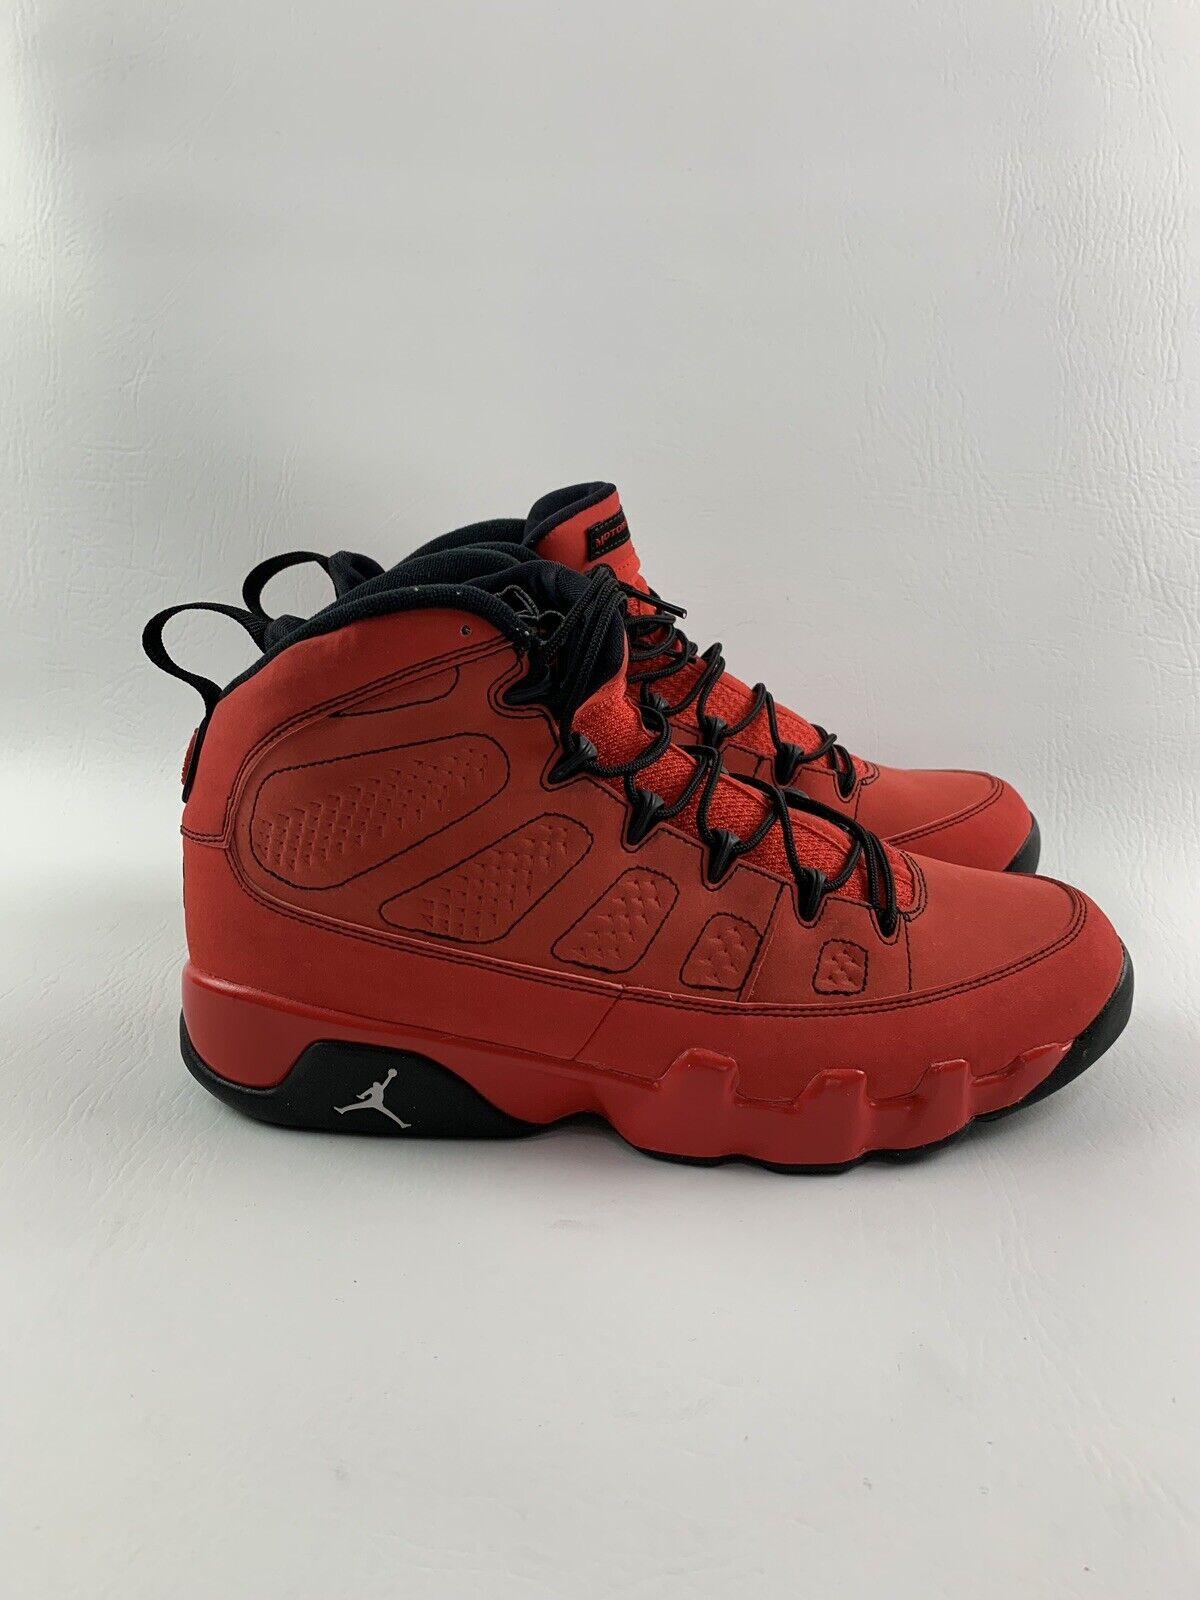 Nike Jordan 9 Retro  Motorboat Air Jones  tamaño 10.5 302370-645